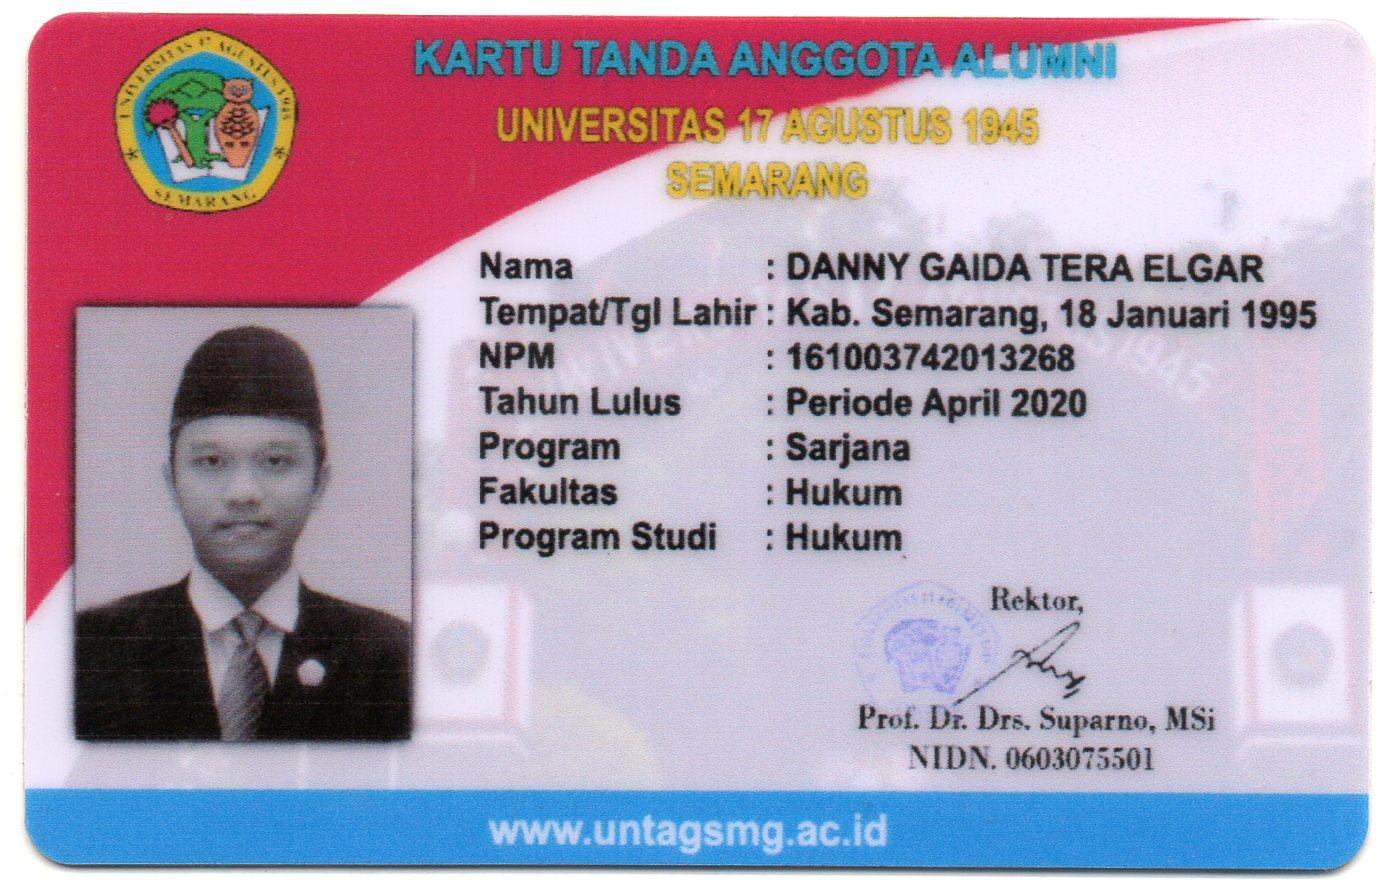 Kartu Tanda Anggota (KTA) Alumni Fakultas Hukum Universitas 17 Agustus 1945 (UNTAG) Semarang